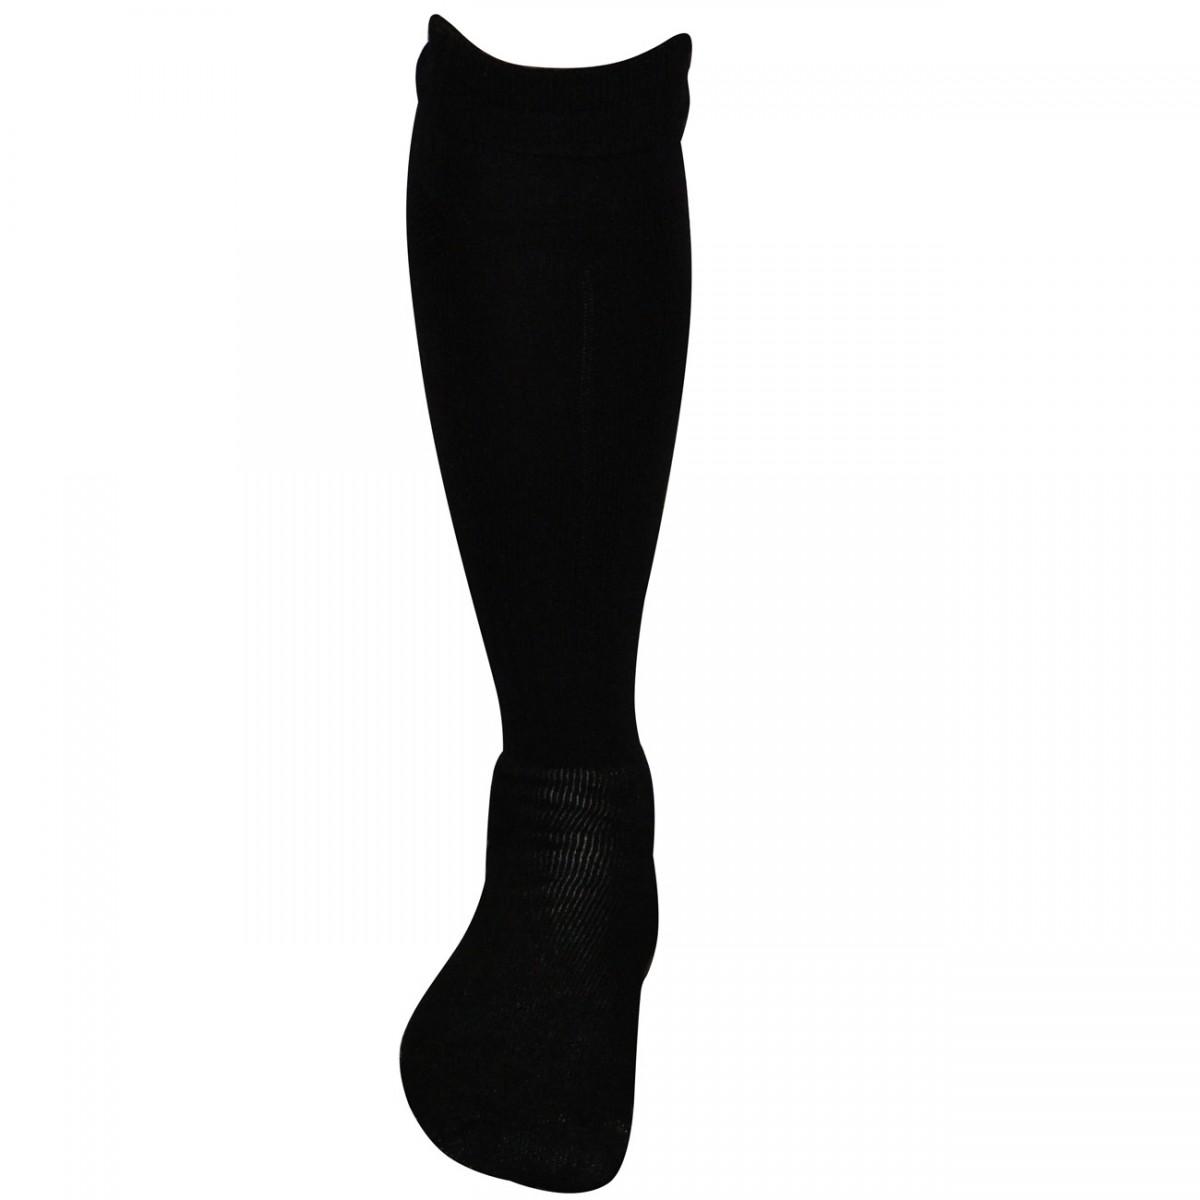 MEIAO KANXA PROFISSIONAL 1260 - PRETO - Chuteira Nike fe0cc8c8ce5b8